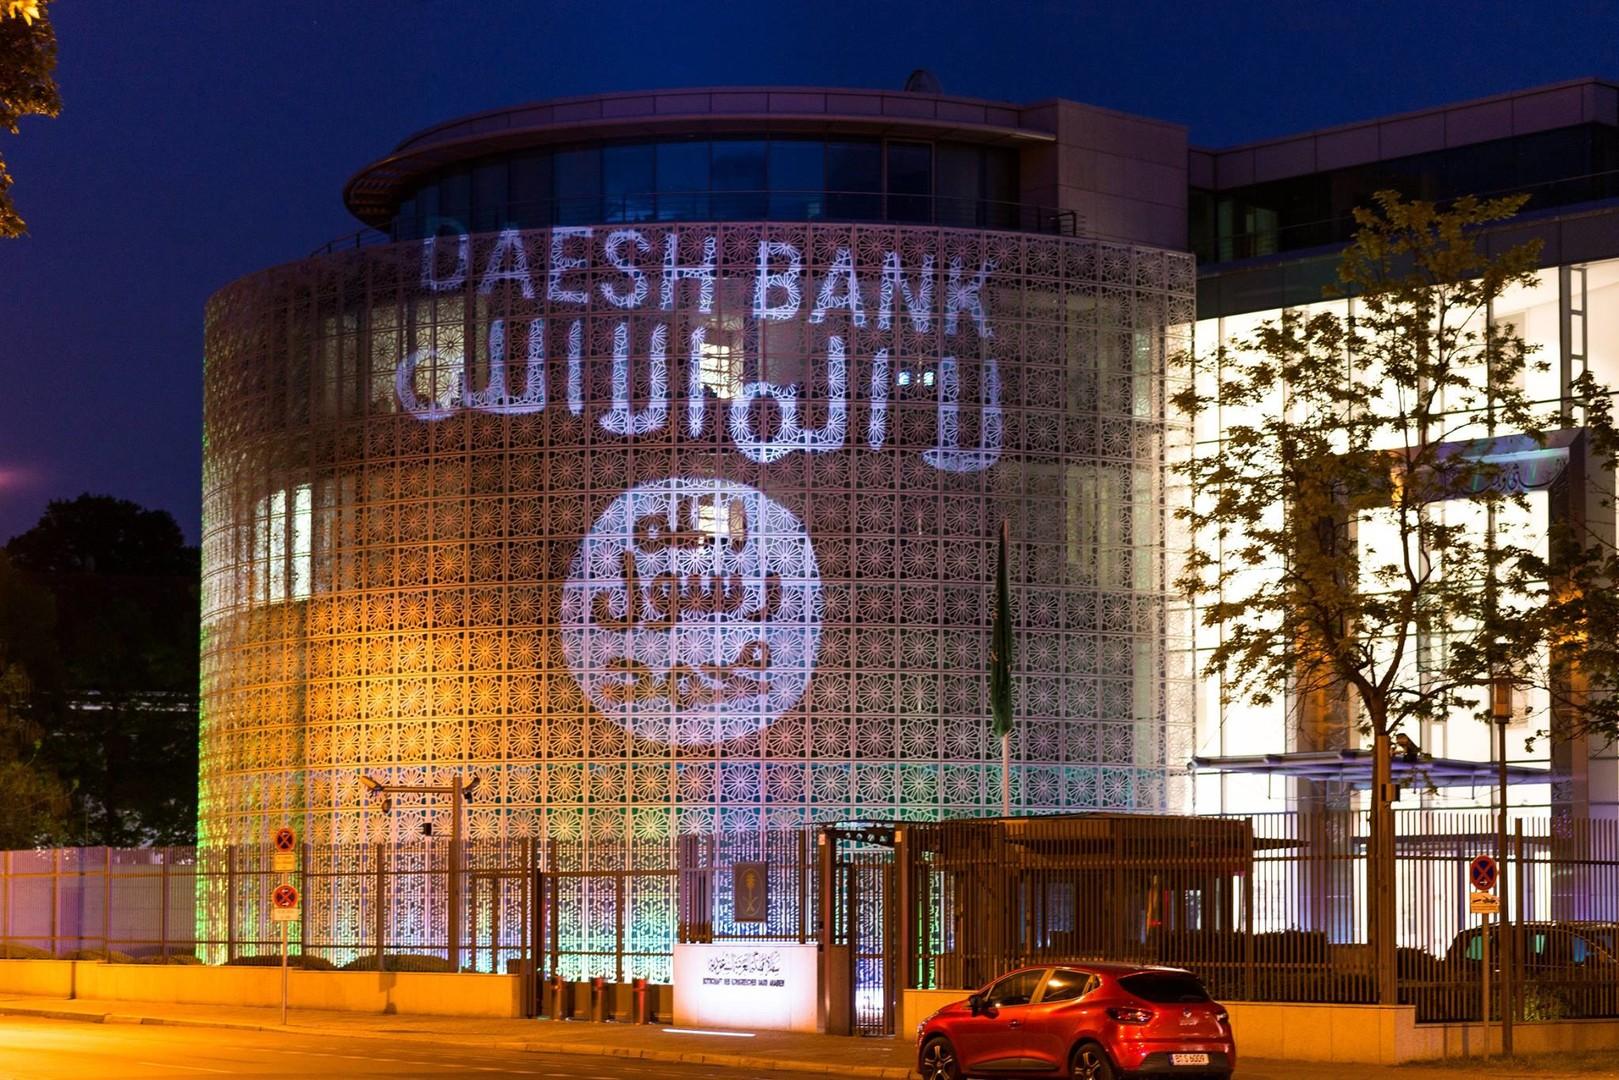 На правах антирекламы: на здании саудовской миссии в ФРГ появилась надпись «Банк ИГ»